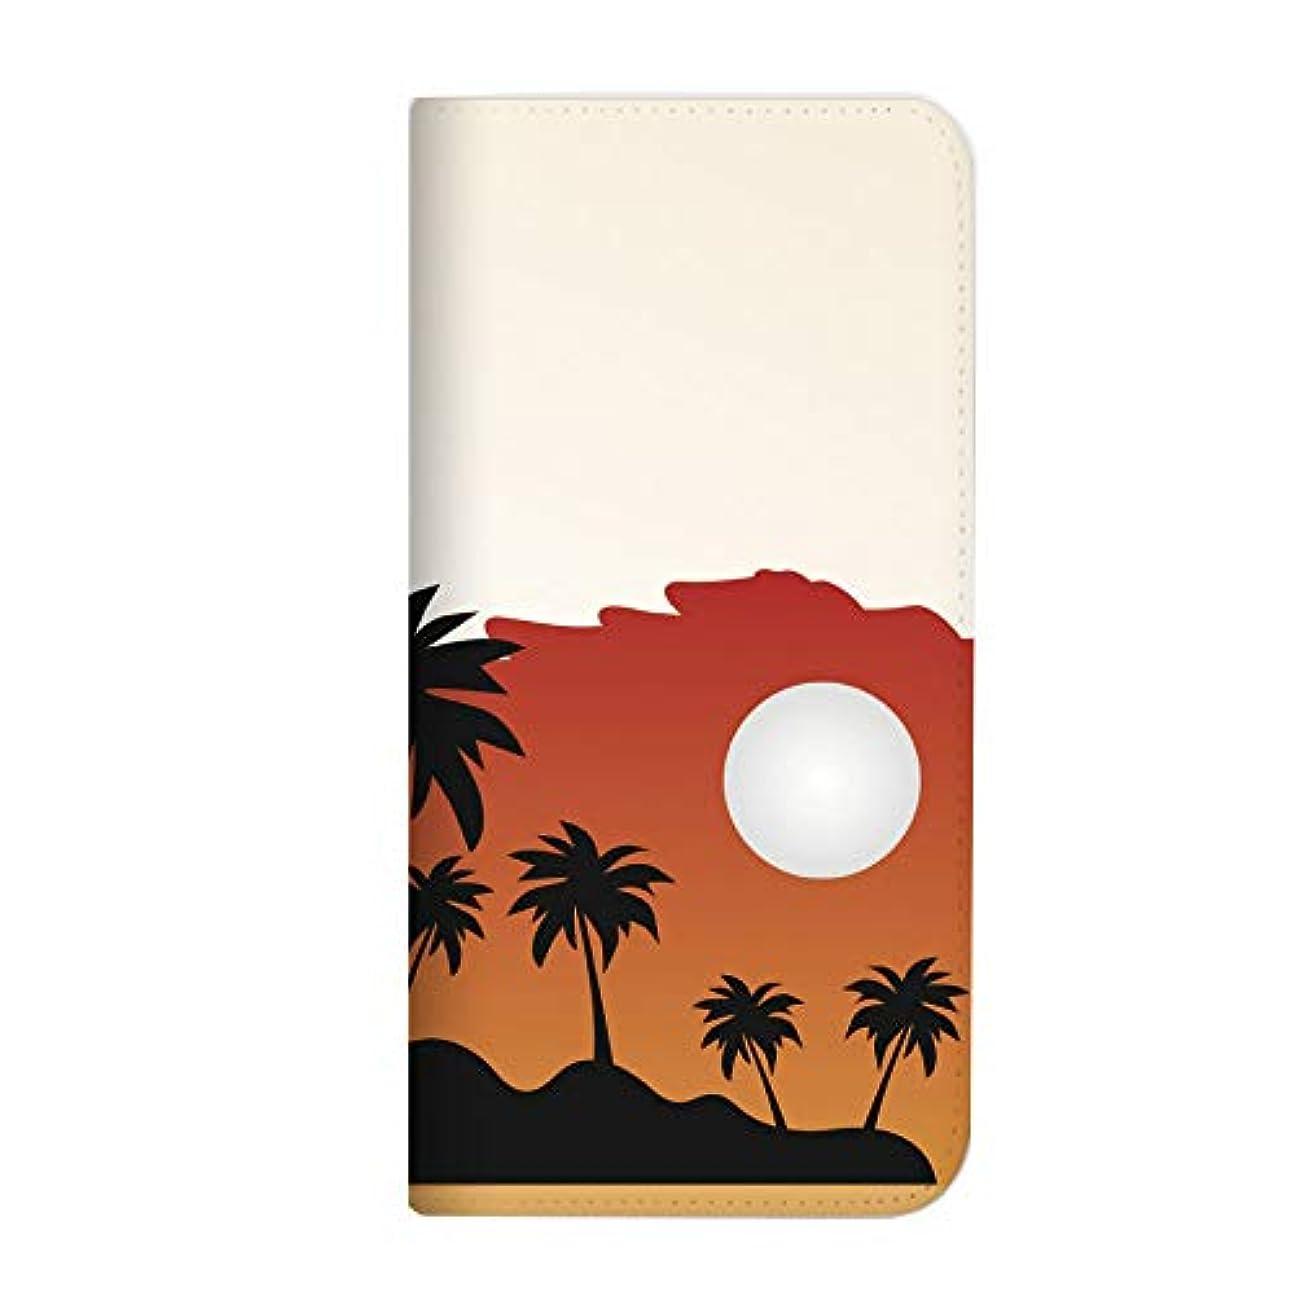 アンタゴニストワイププレビューmitas iPhone XR ケース 手帳型 ベルトなし 夏 ヤシ ハワイ オレンジ (399) NB-0246-OR/iPhone XR